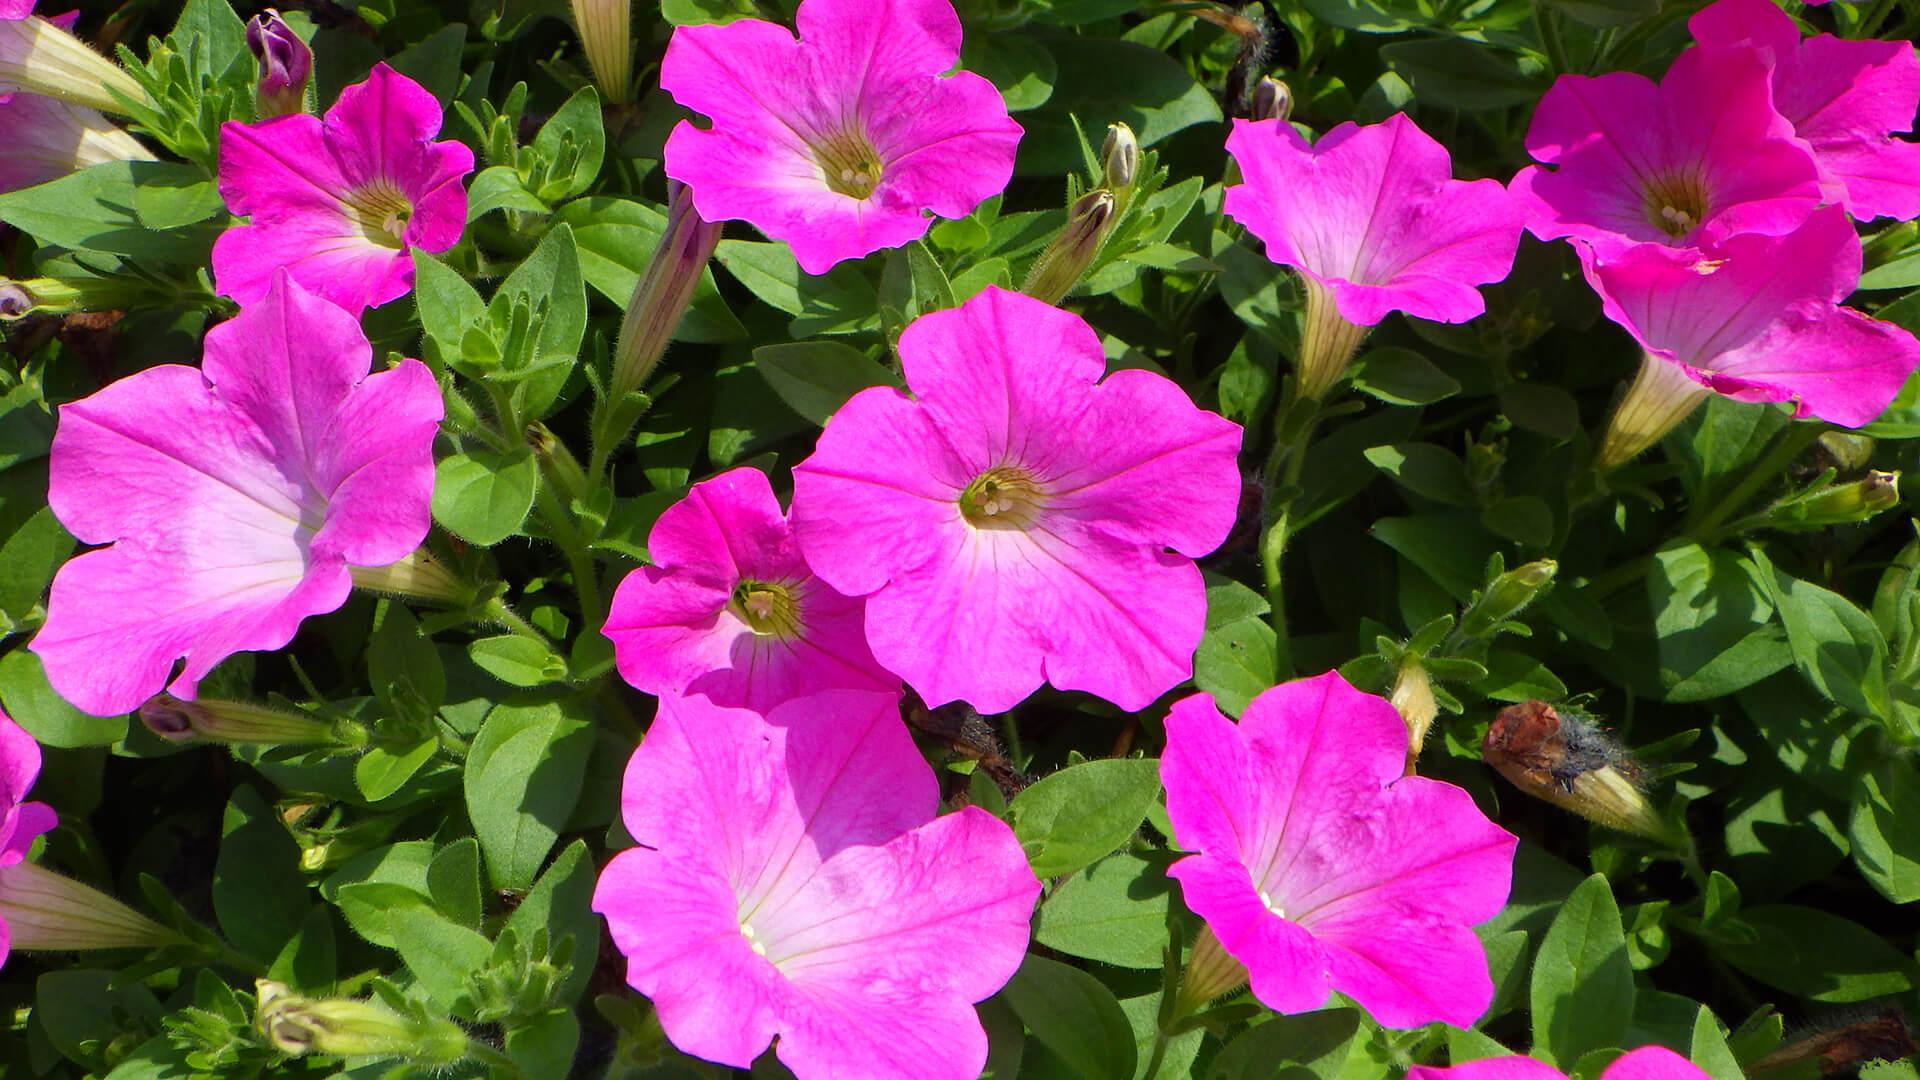 この写真は国営武蔵丘陵森林公園で咲く、ピンク色のペチュニアの拡大撮影